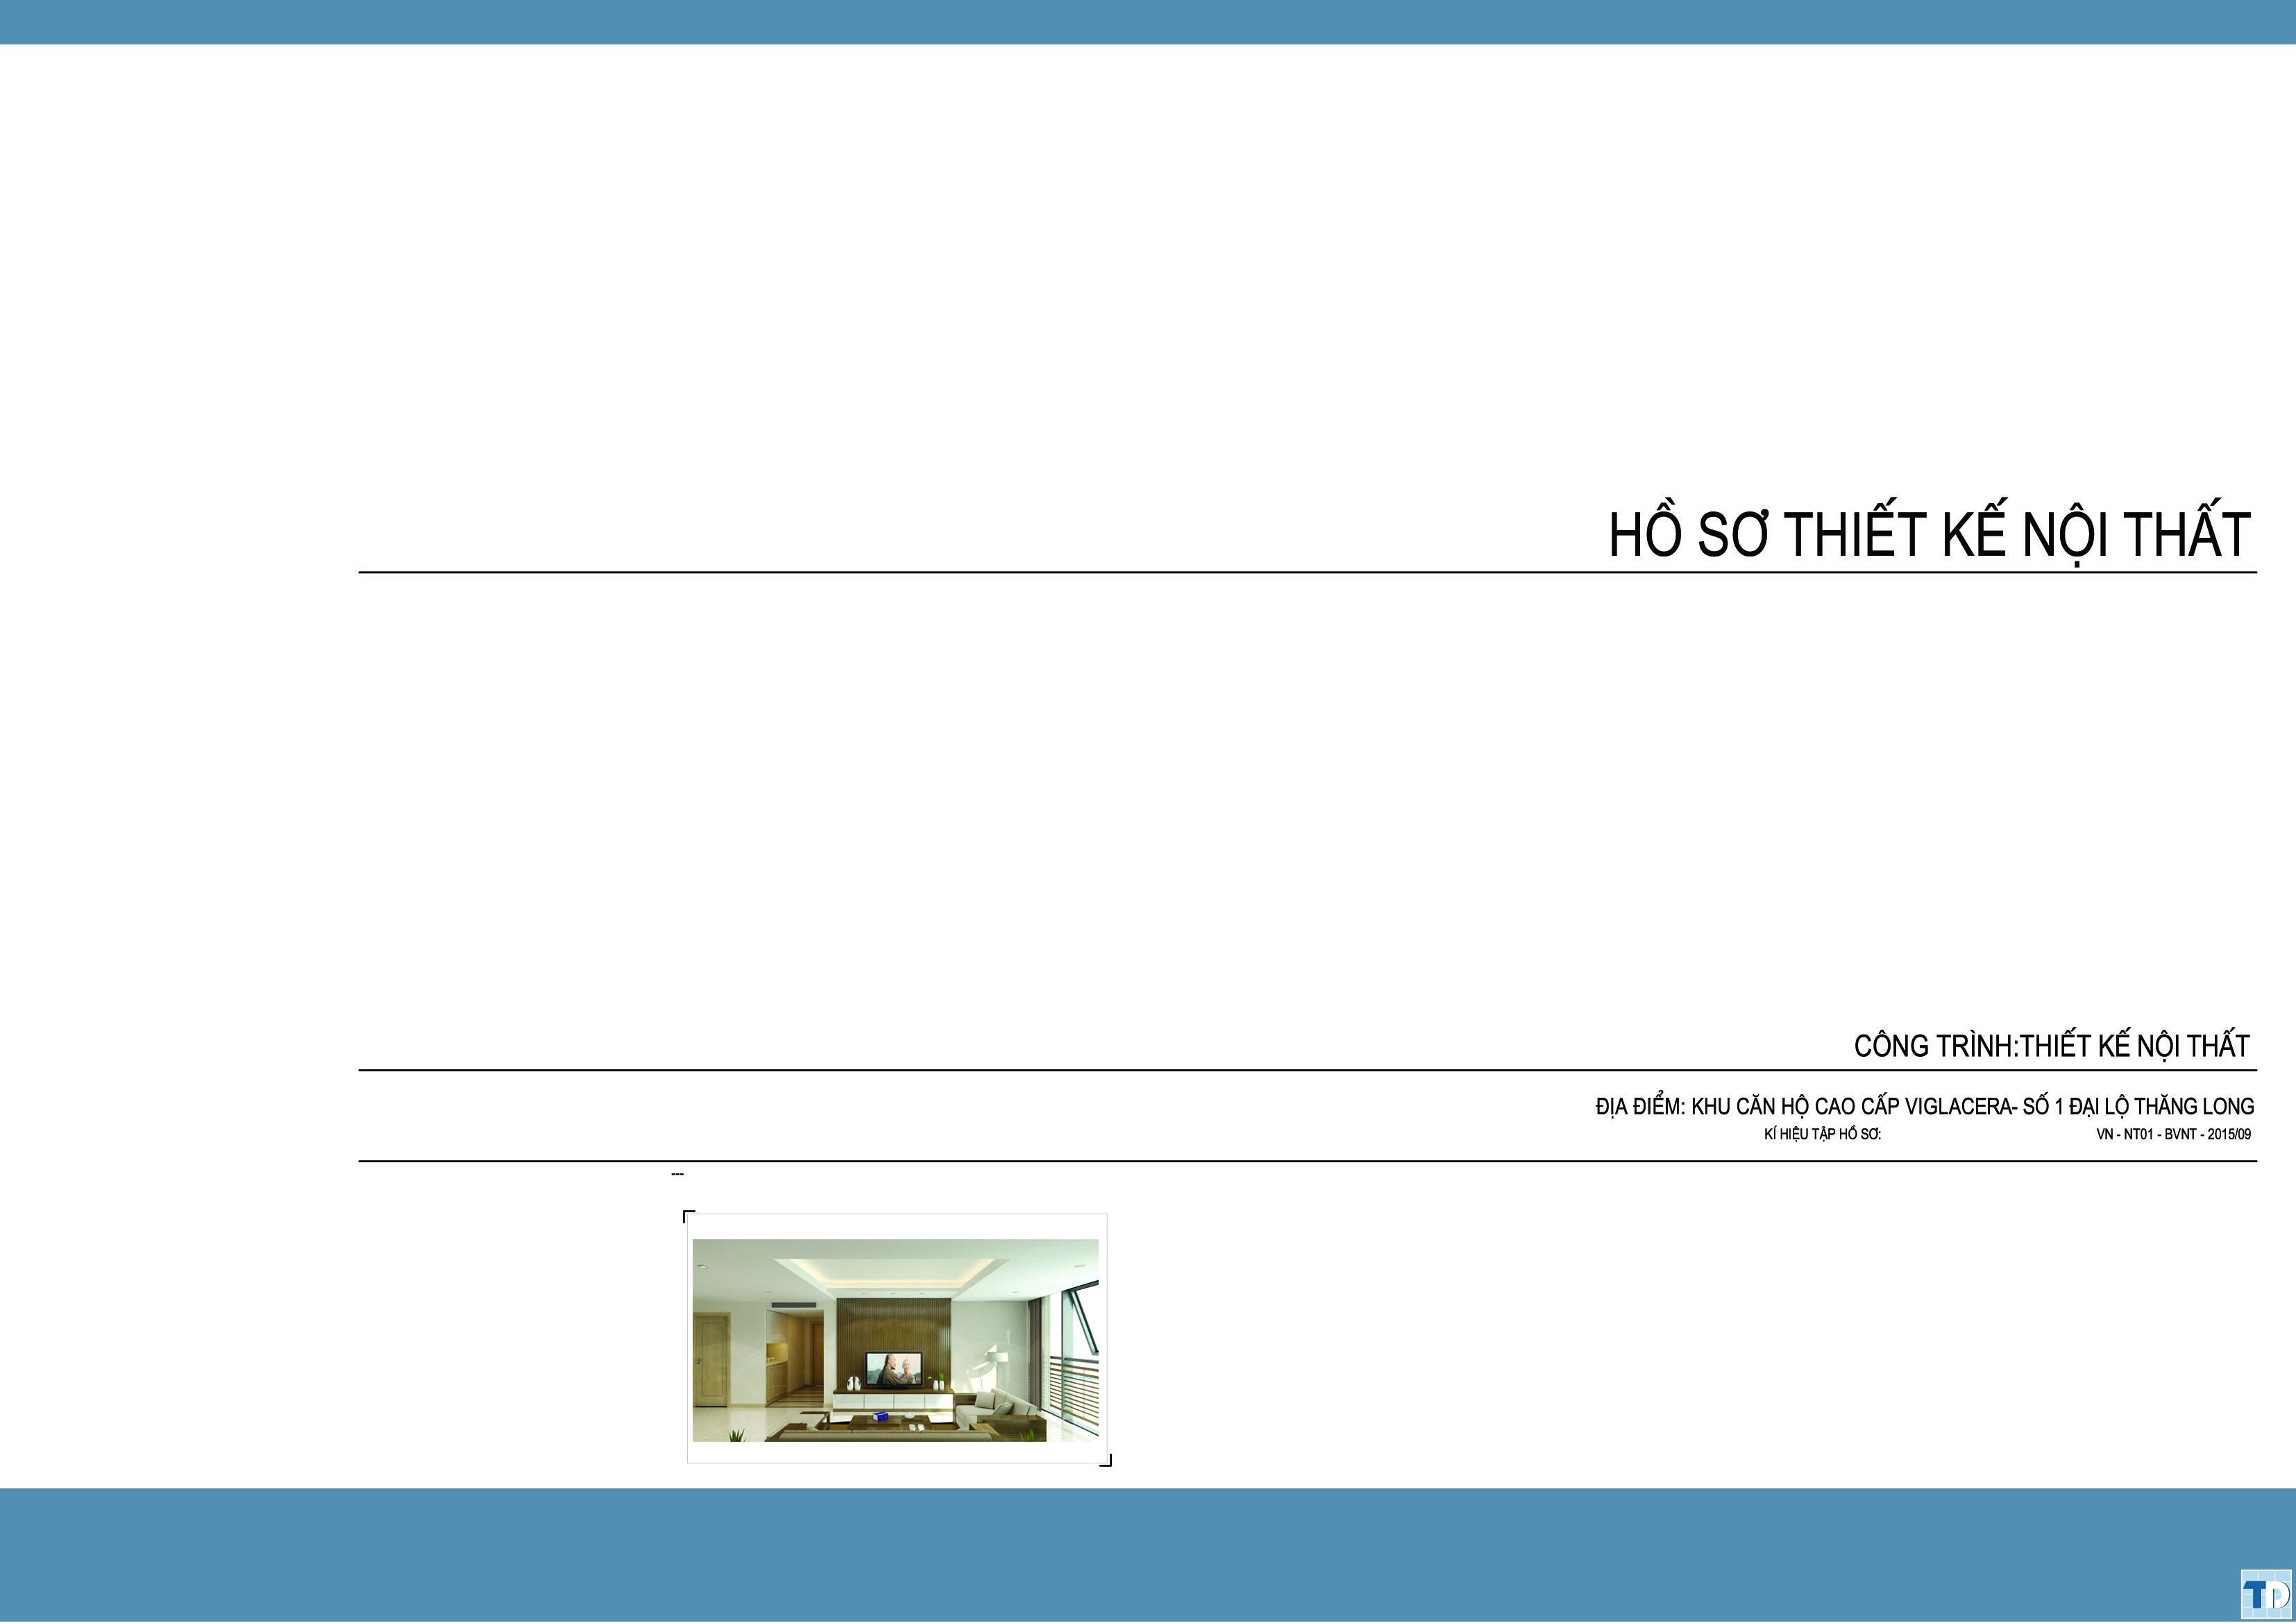 Hồ sơ thiết kế nội thất